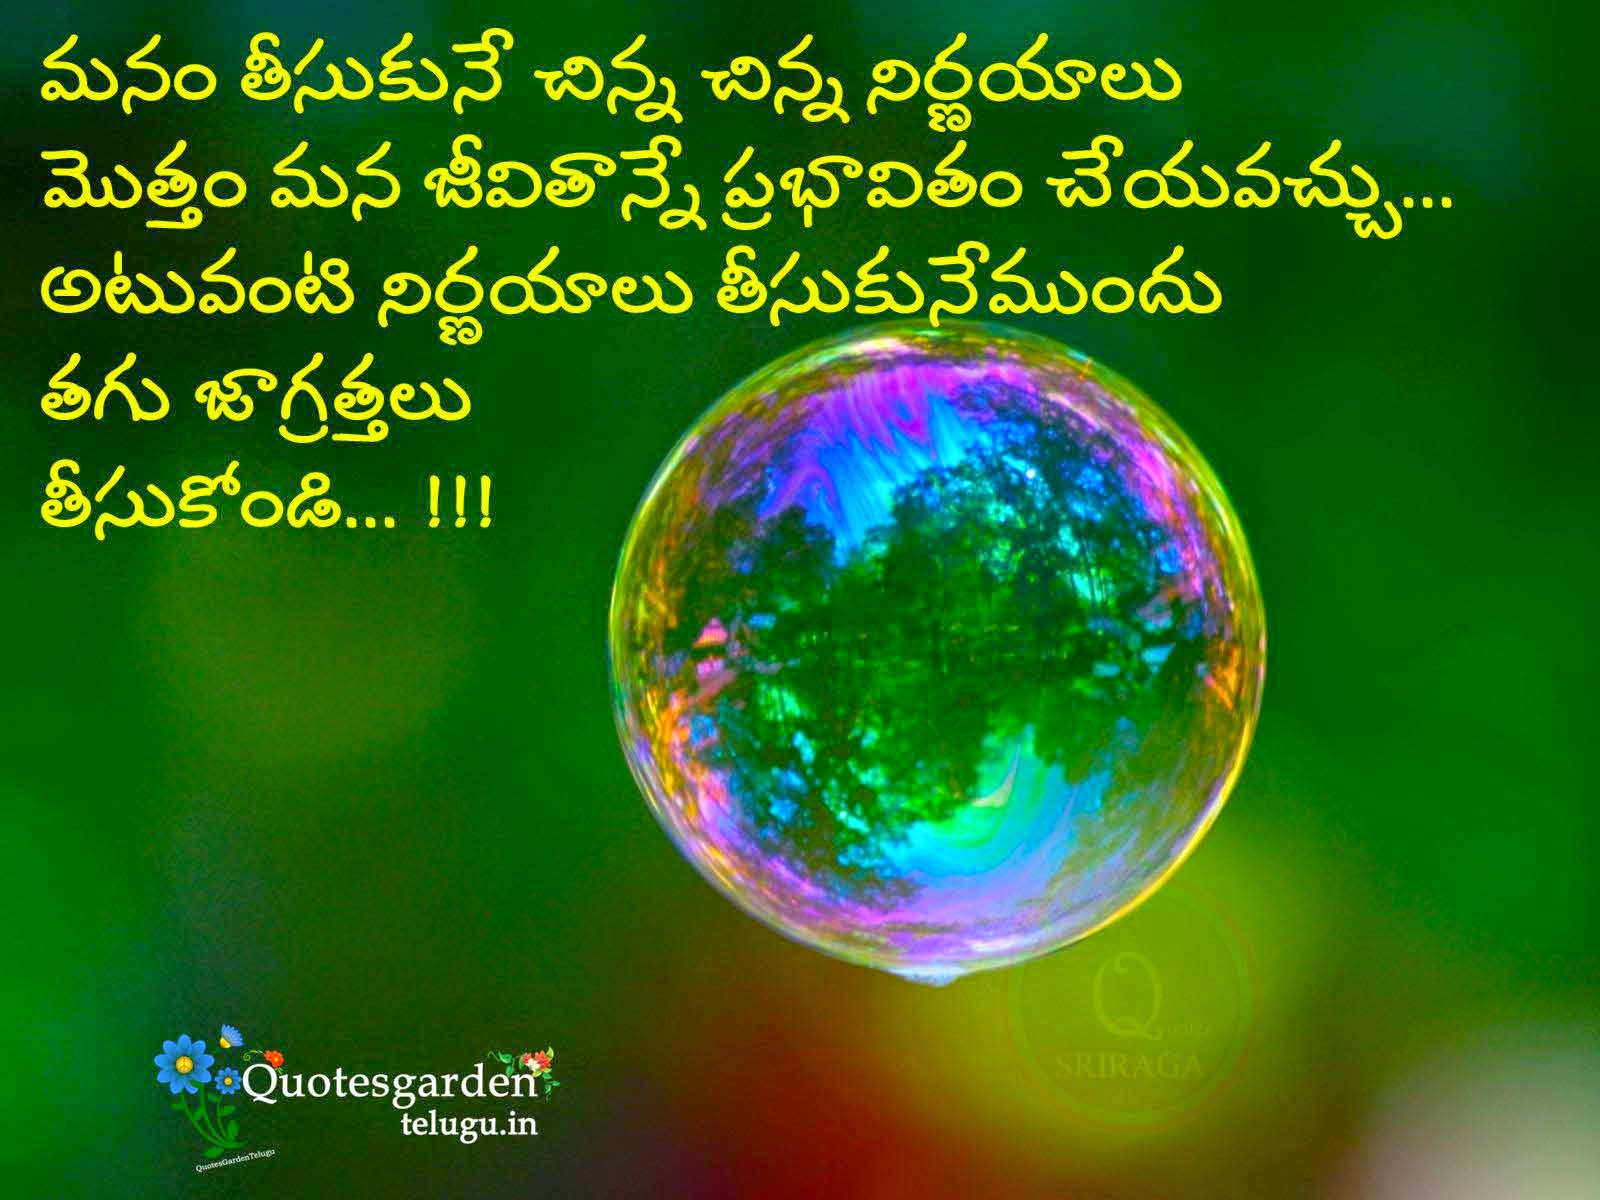 Best Telugu Life Quotes Best Telugu Whatsapp Status Life Quotes